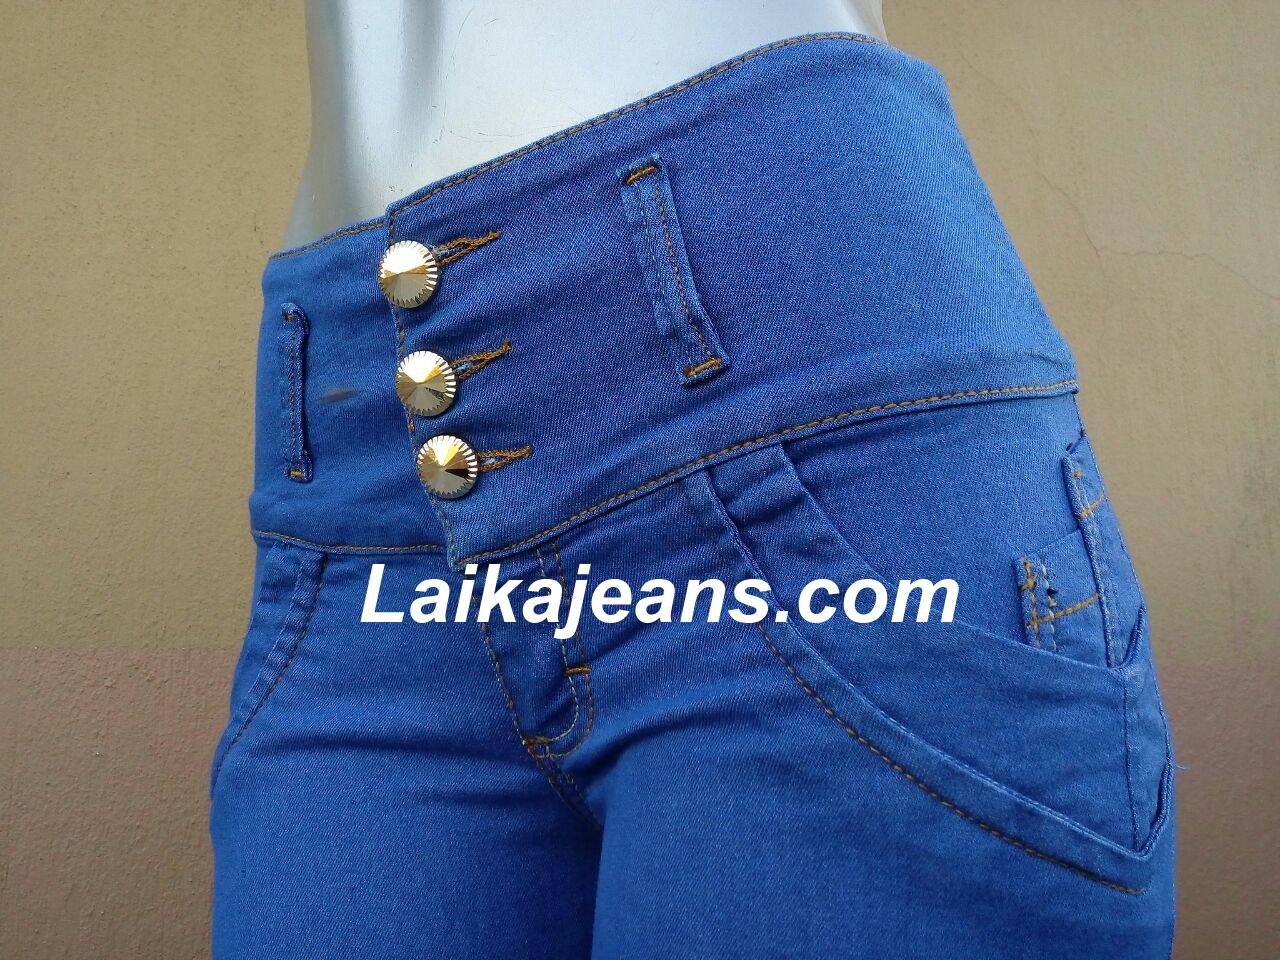 Jeans Para Dama Push Up Skinny Realza Tu Figura 2021 Laika Jeans Pantalon Corte Colombiano Levanta Pompis De Mayoreo En Mexico